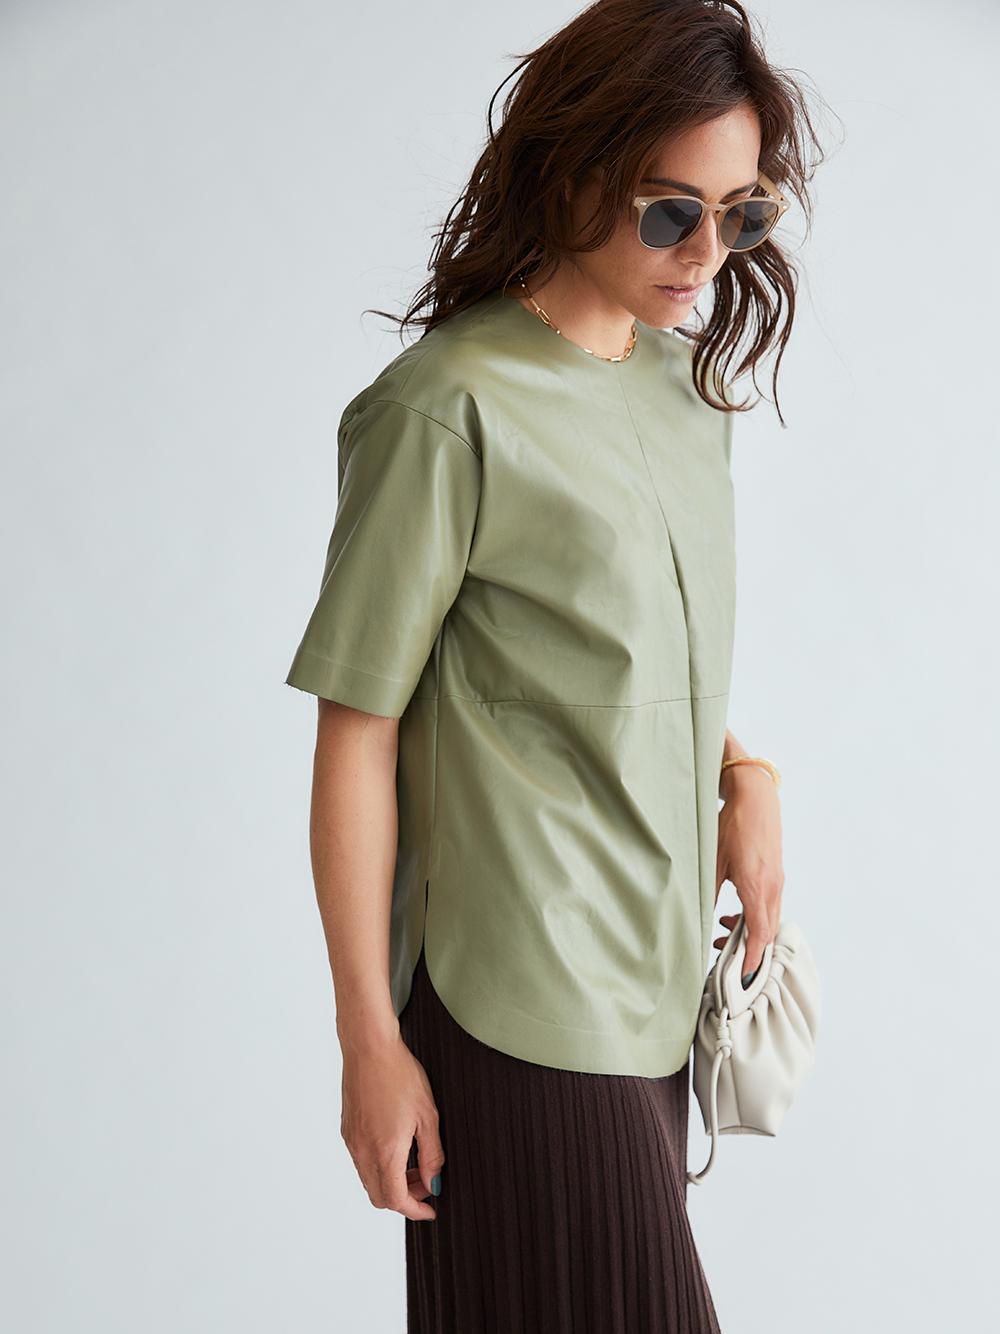 シャツカーブフェイクレザーTシャツ(OLV-0)